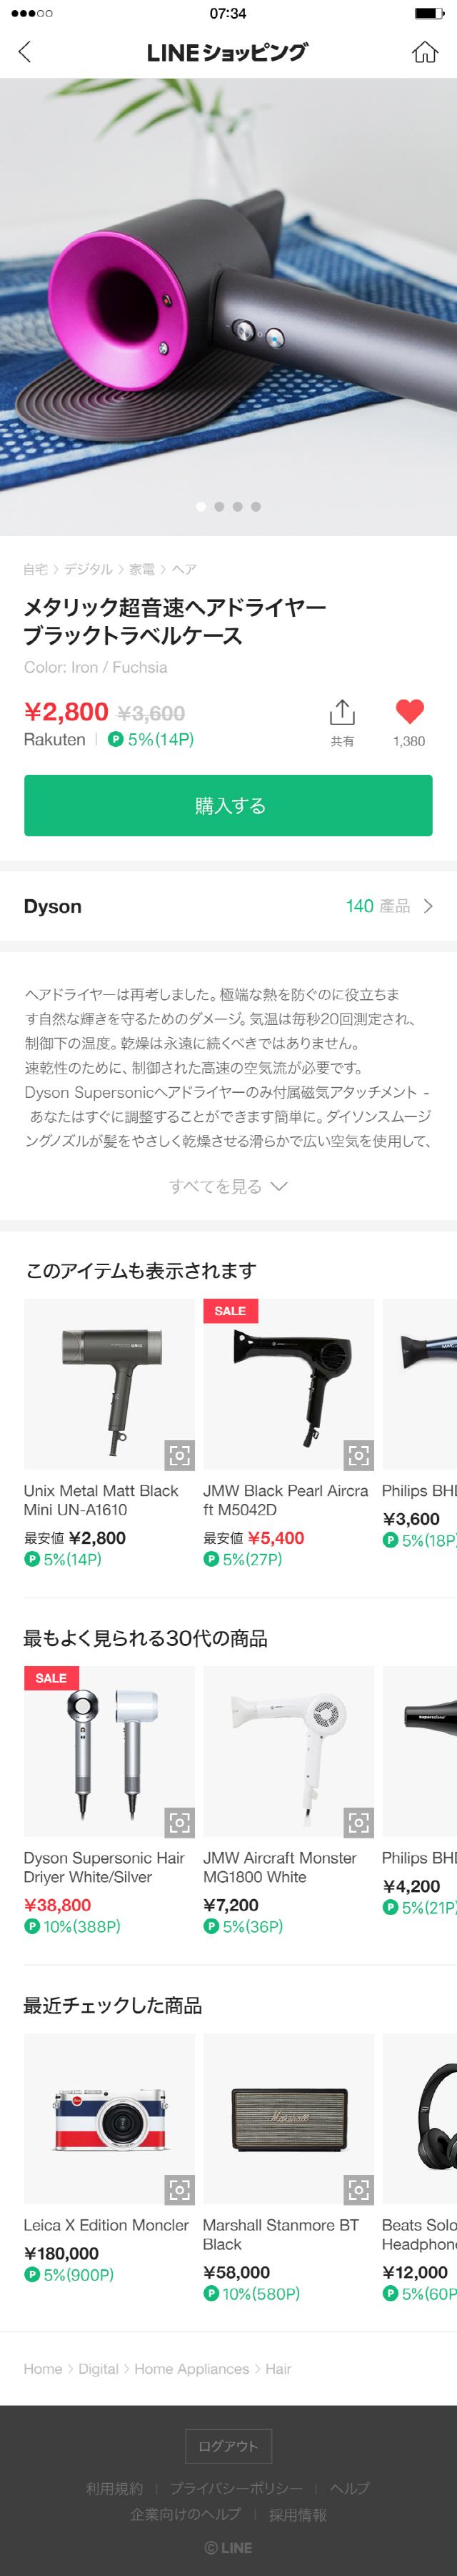 네이버 AI 상품 추천 시스템 일본 '라인쇼핑' 적용